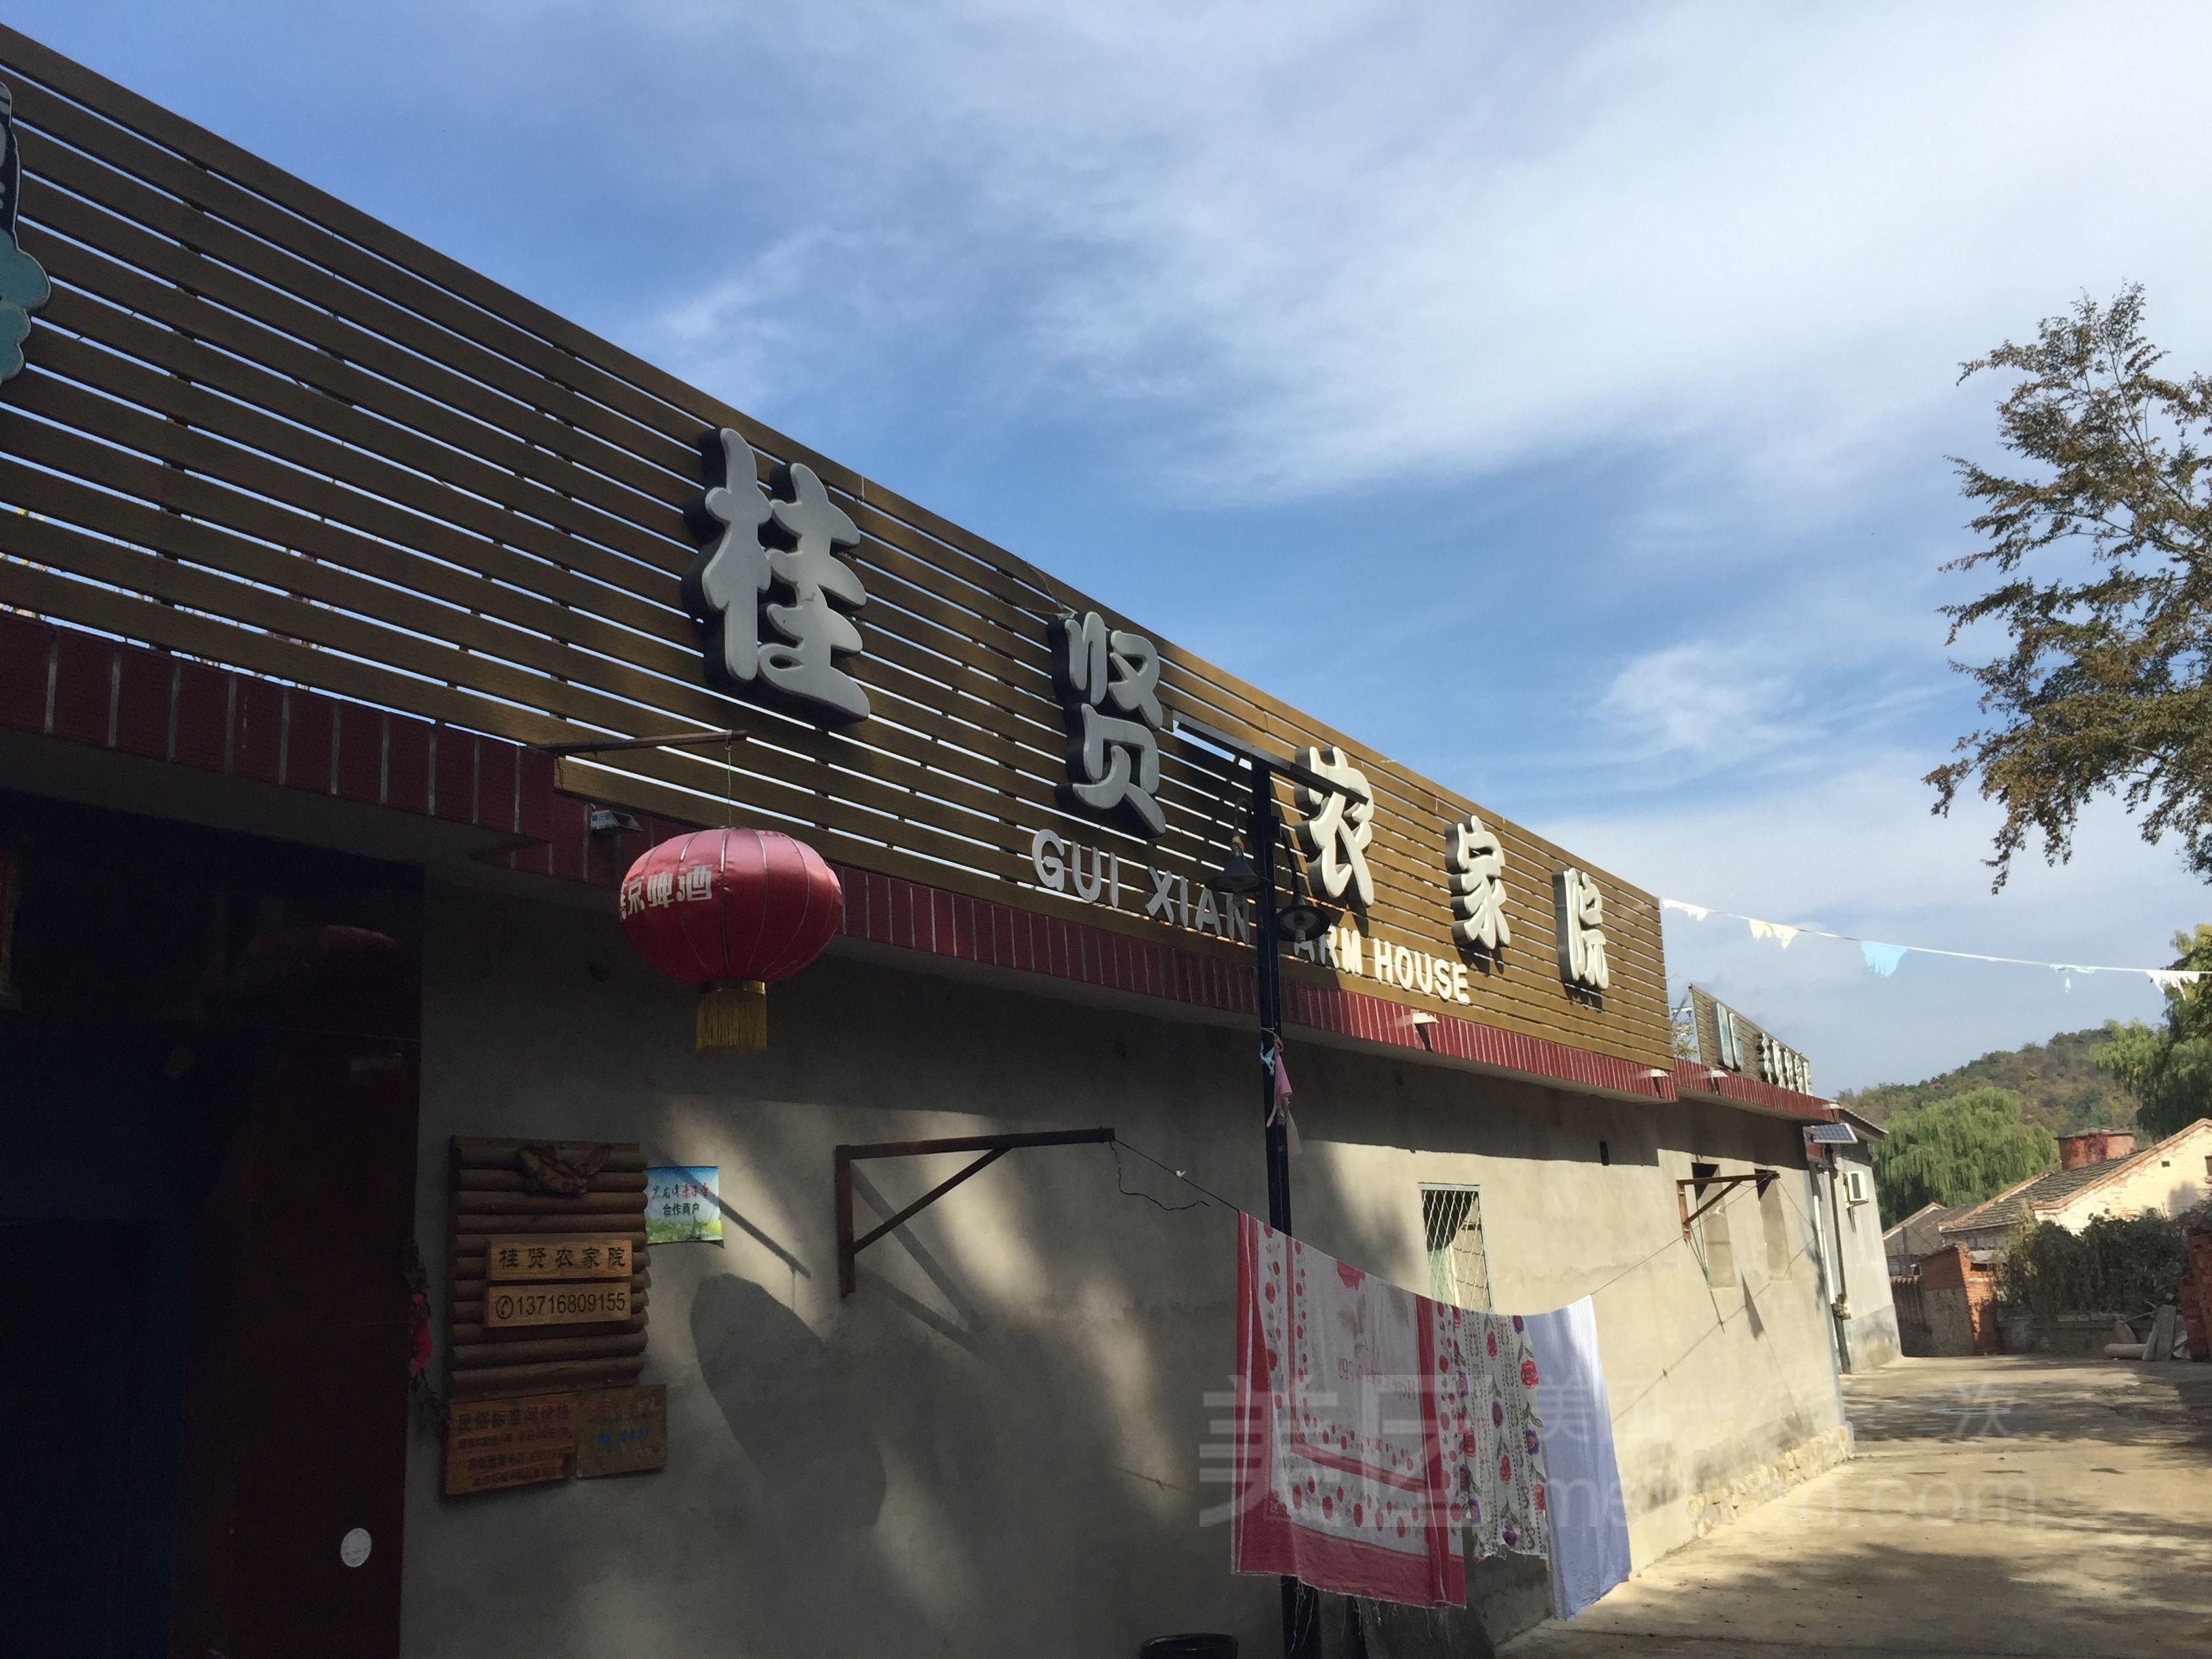 桃源仙谷桂贤农家院预订/团购